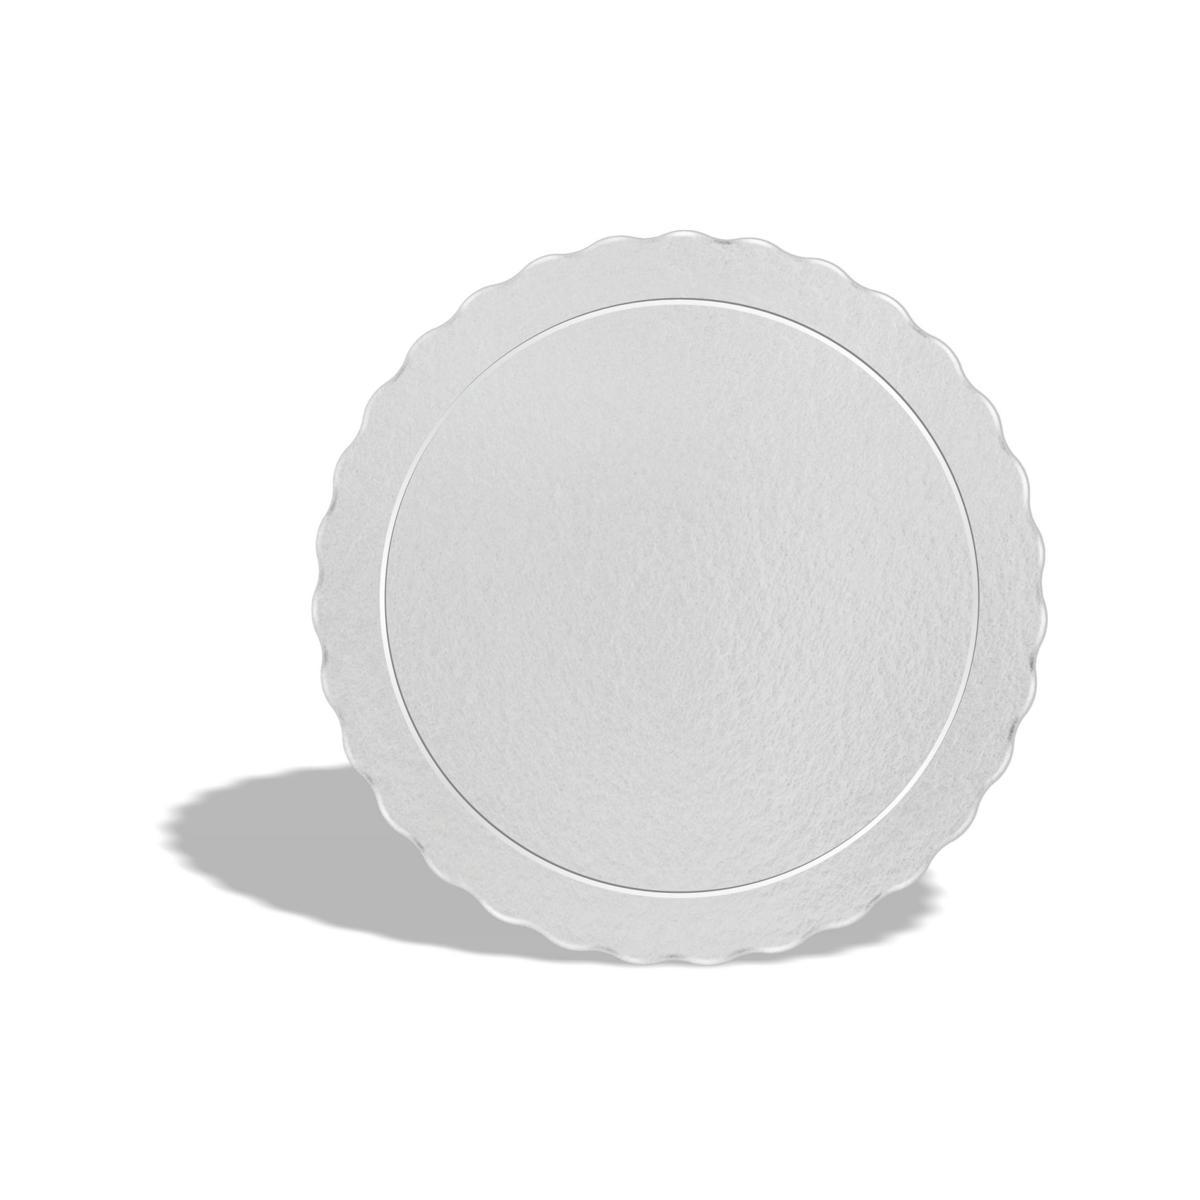 50 Bases Laminadas Para Bolo Redondo, Cake Board 32cm - Branco